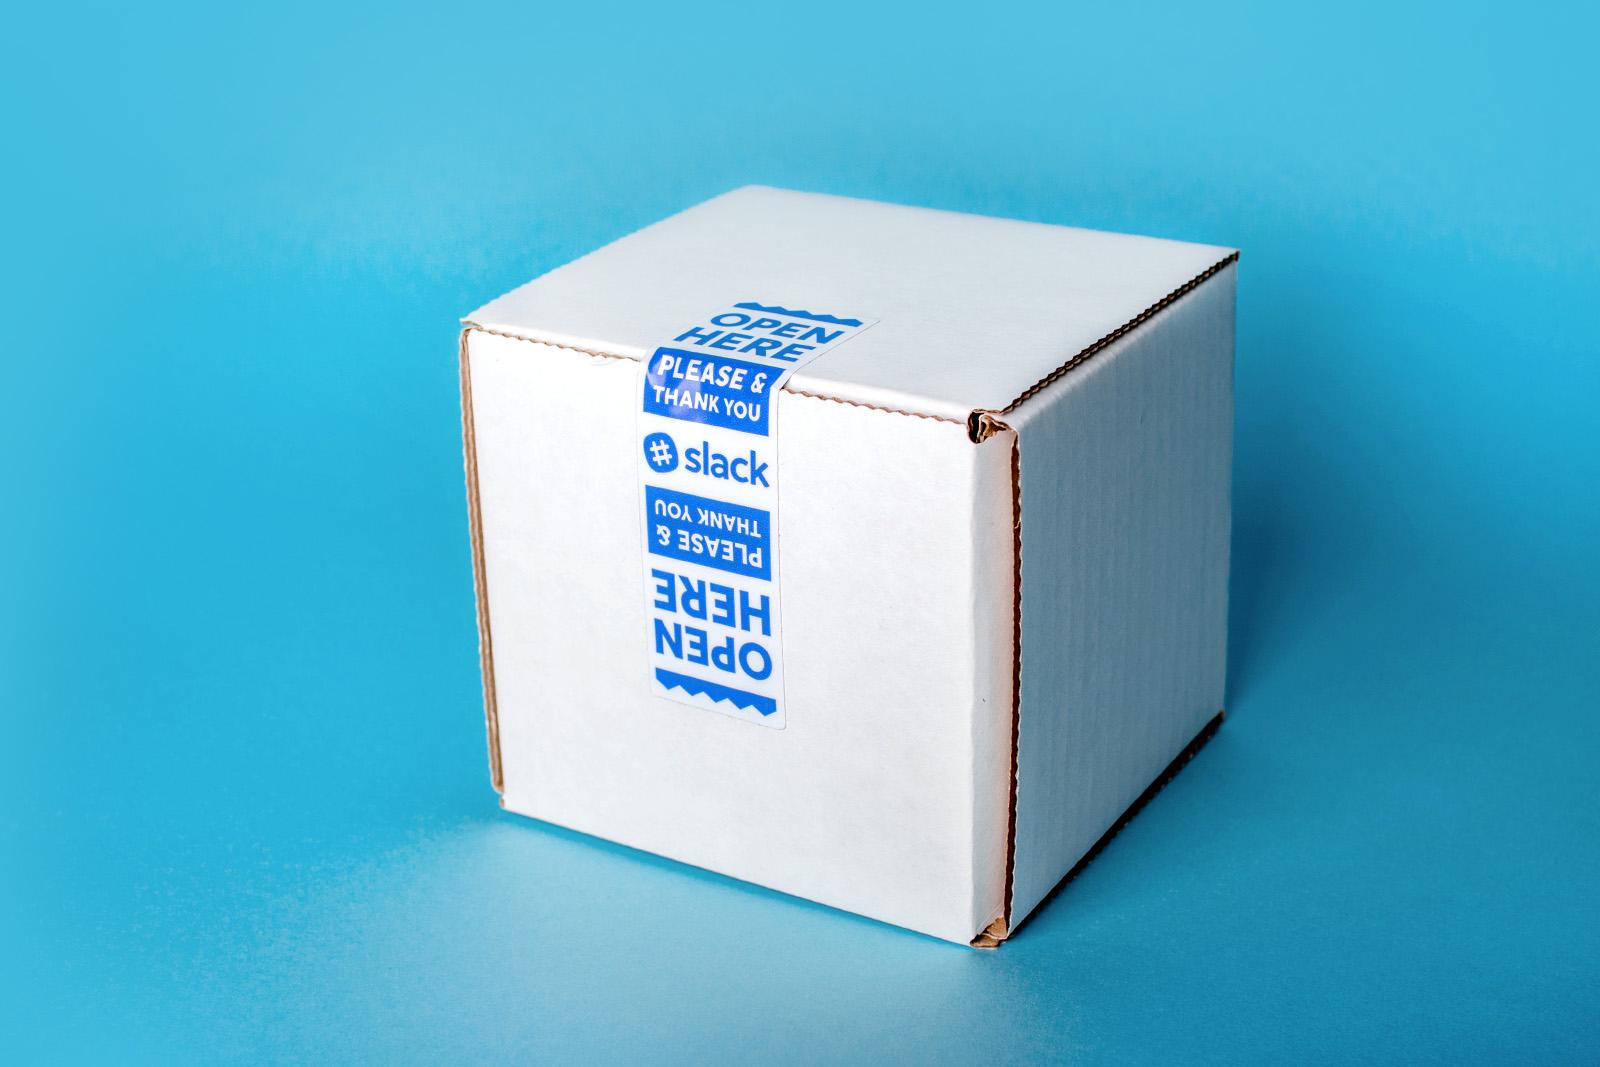 slack mug in a box with custom tape